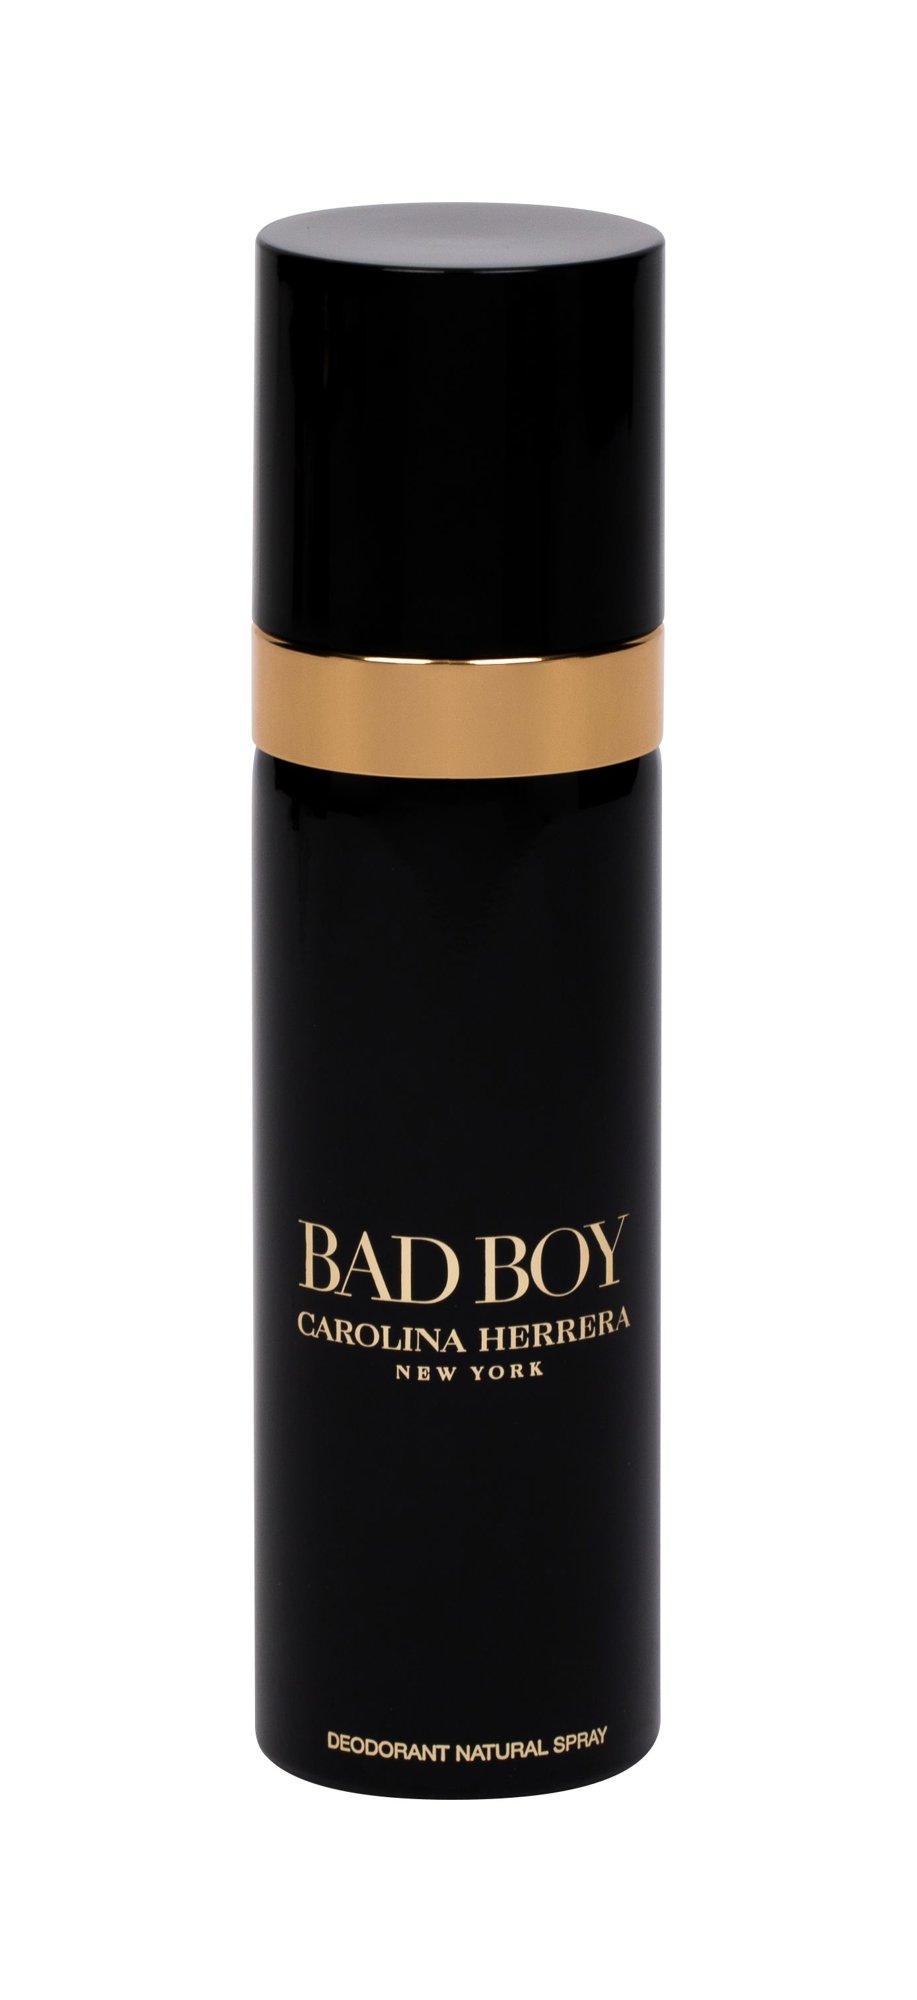 Carolina Herrera Bad Boy Deodorant 100ml